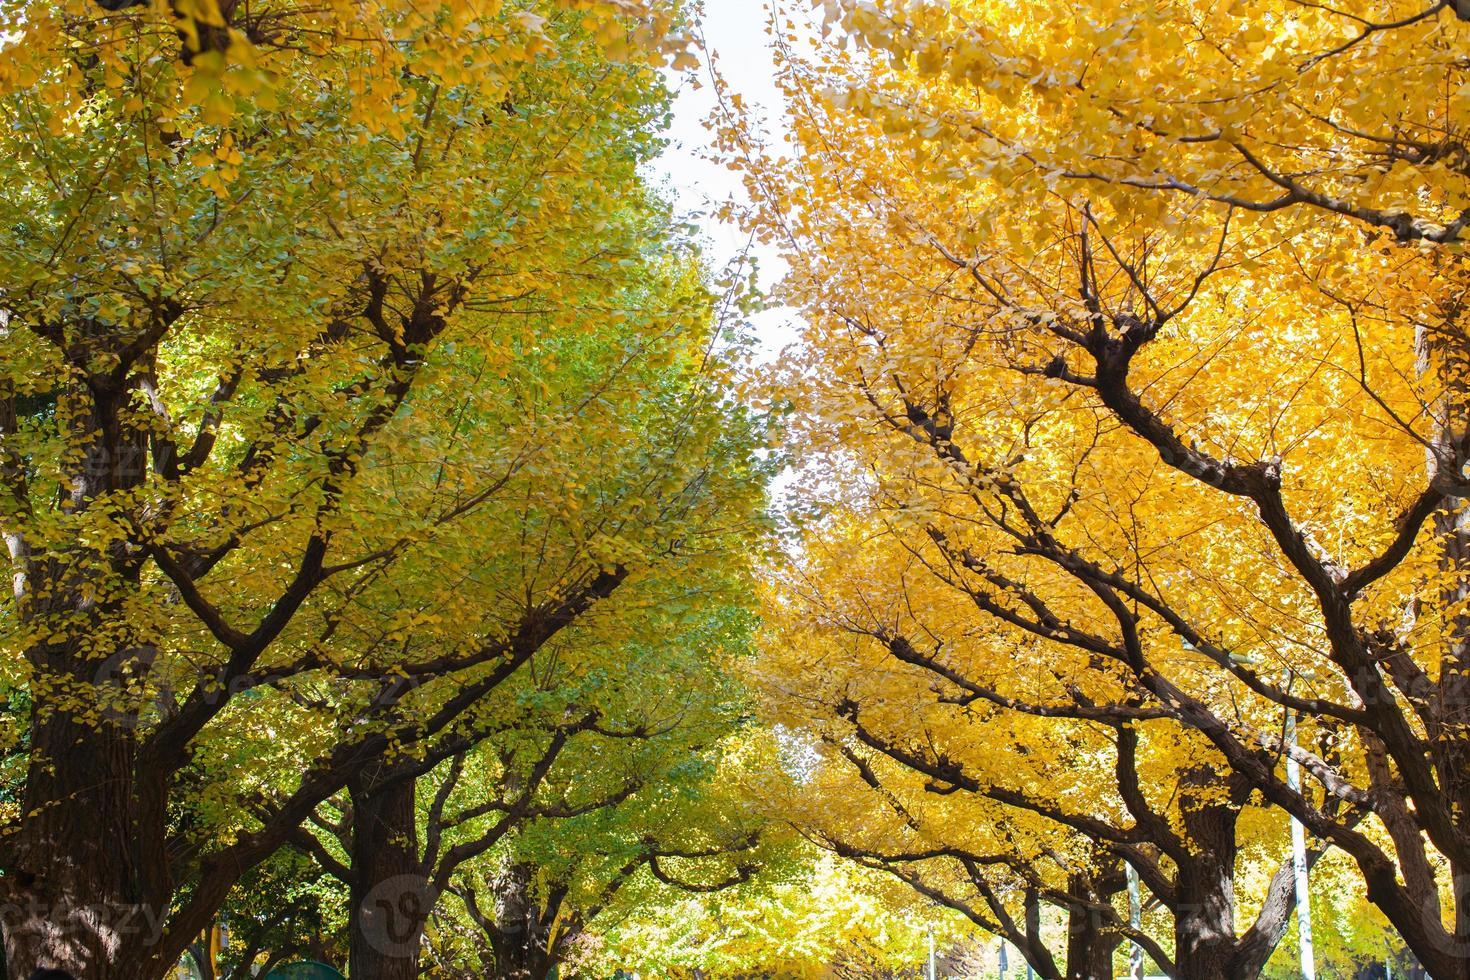 alberi autunnali colorati foto